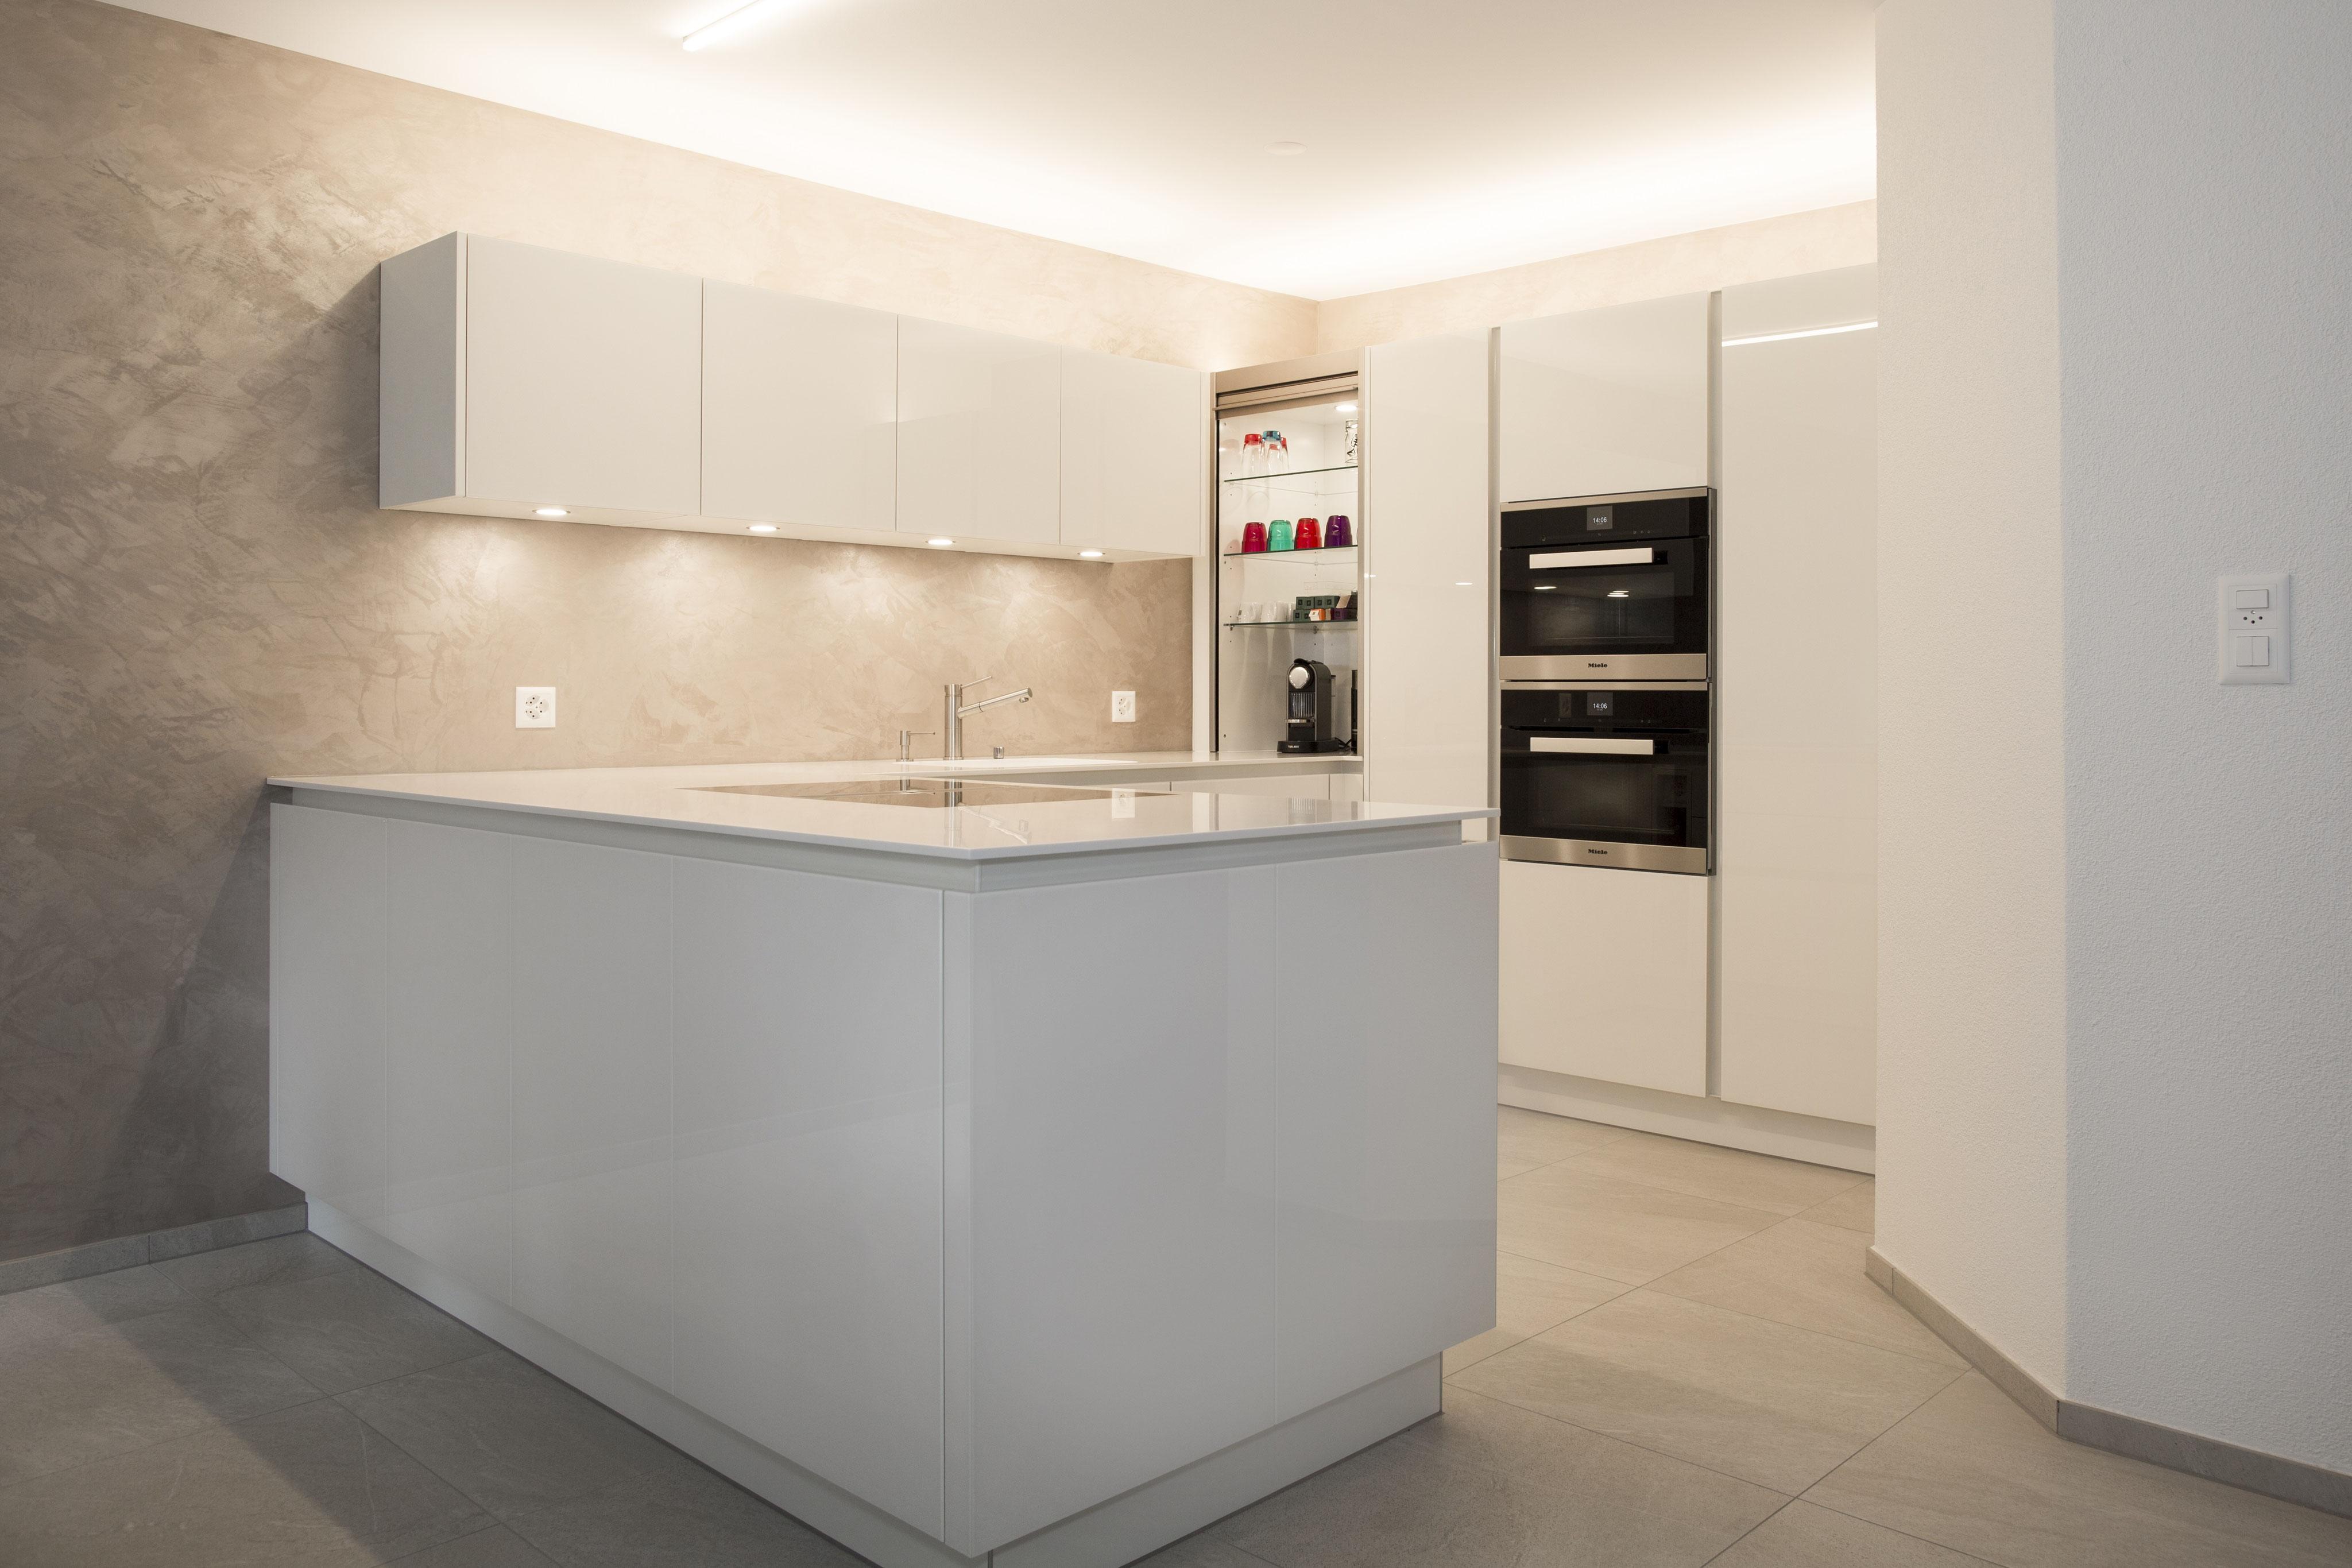 start atriumkuechen2018s webseite. Black Bedroom Furniture Sets. Home Design Ideas